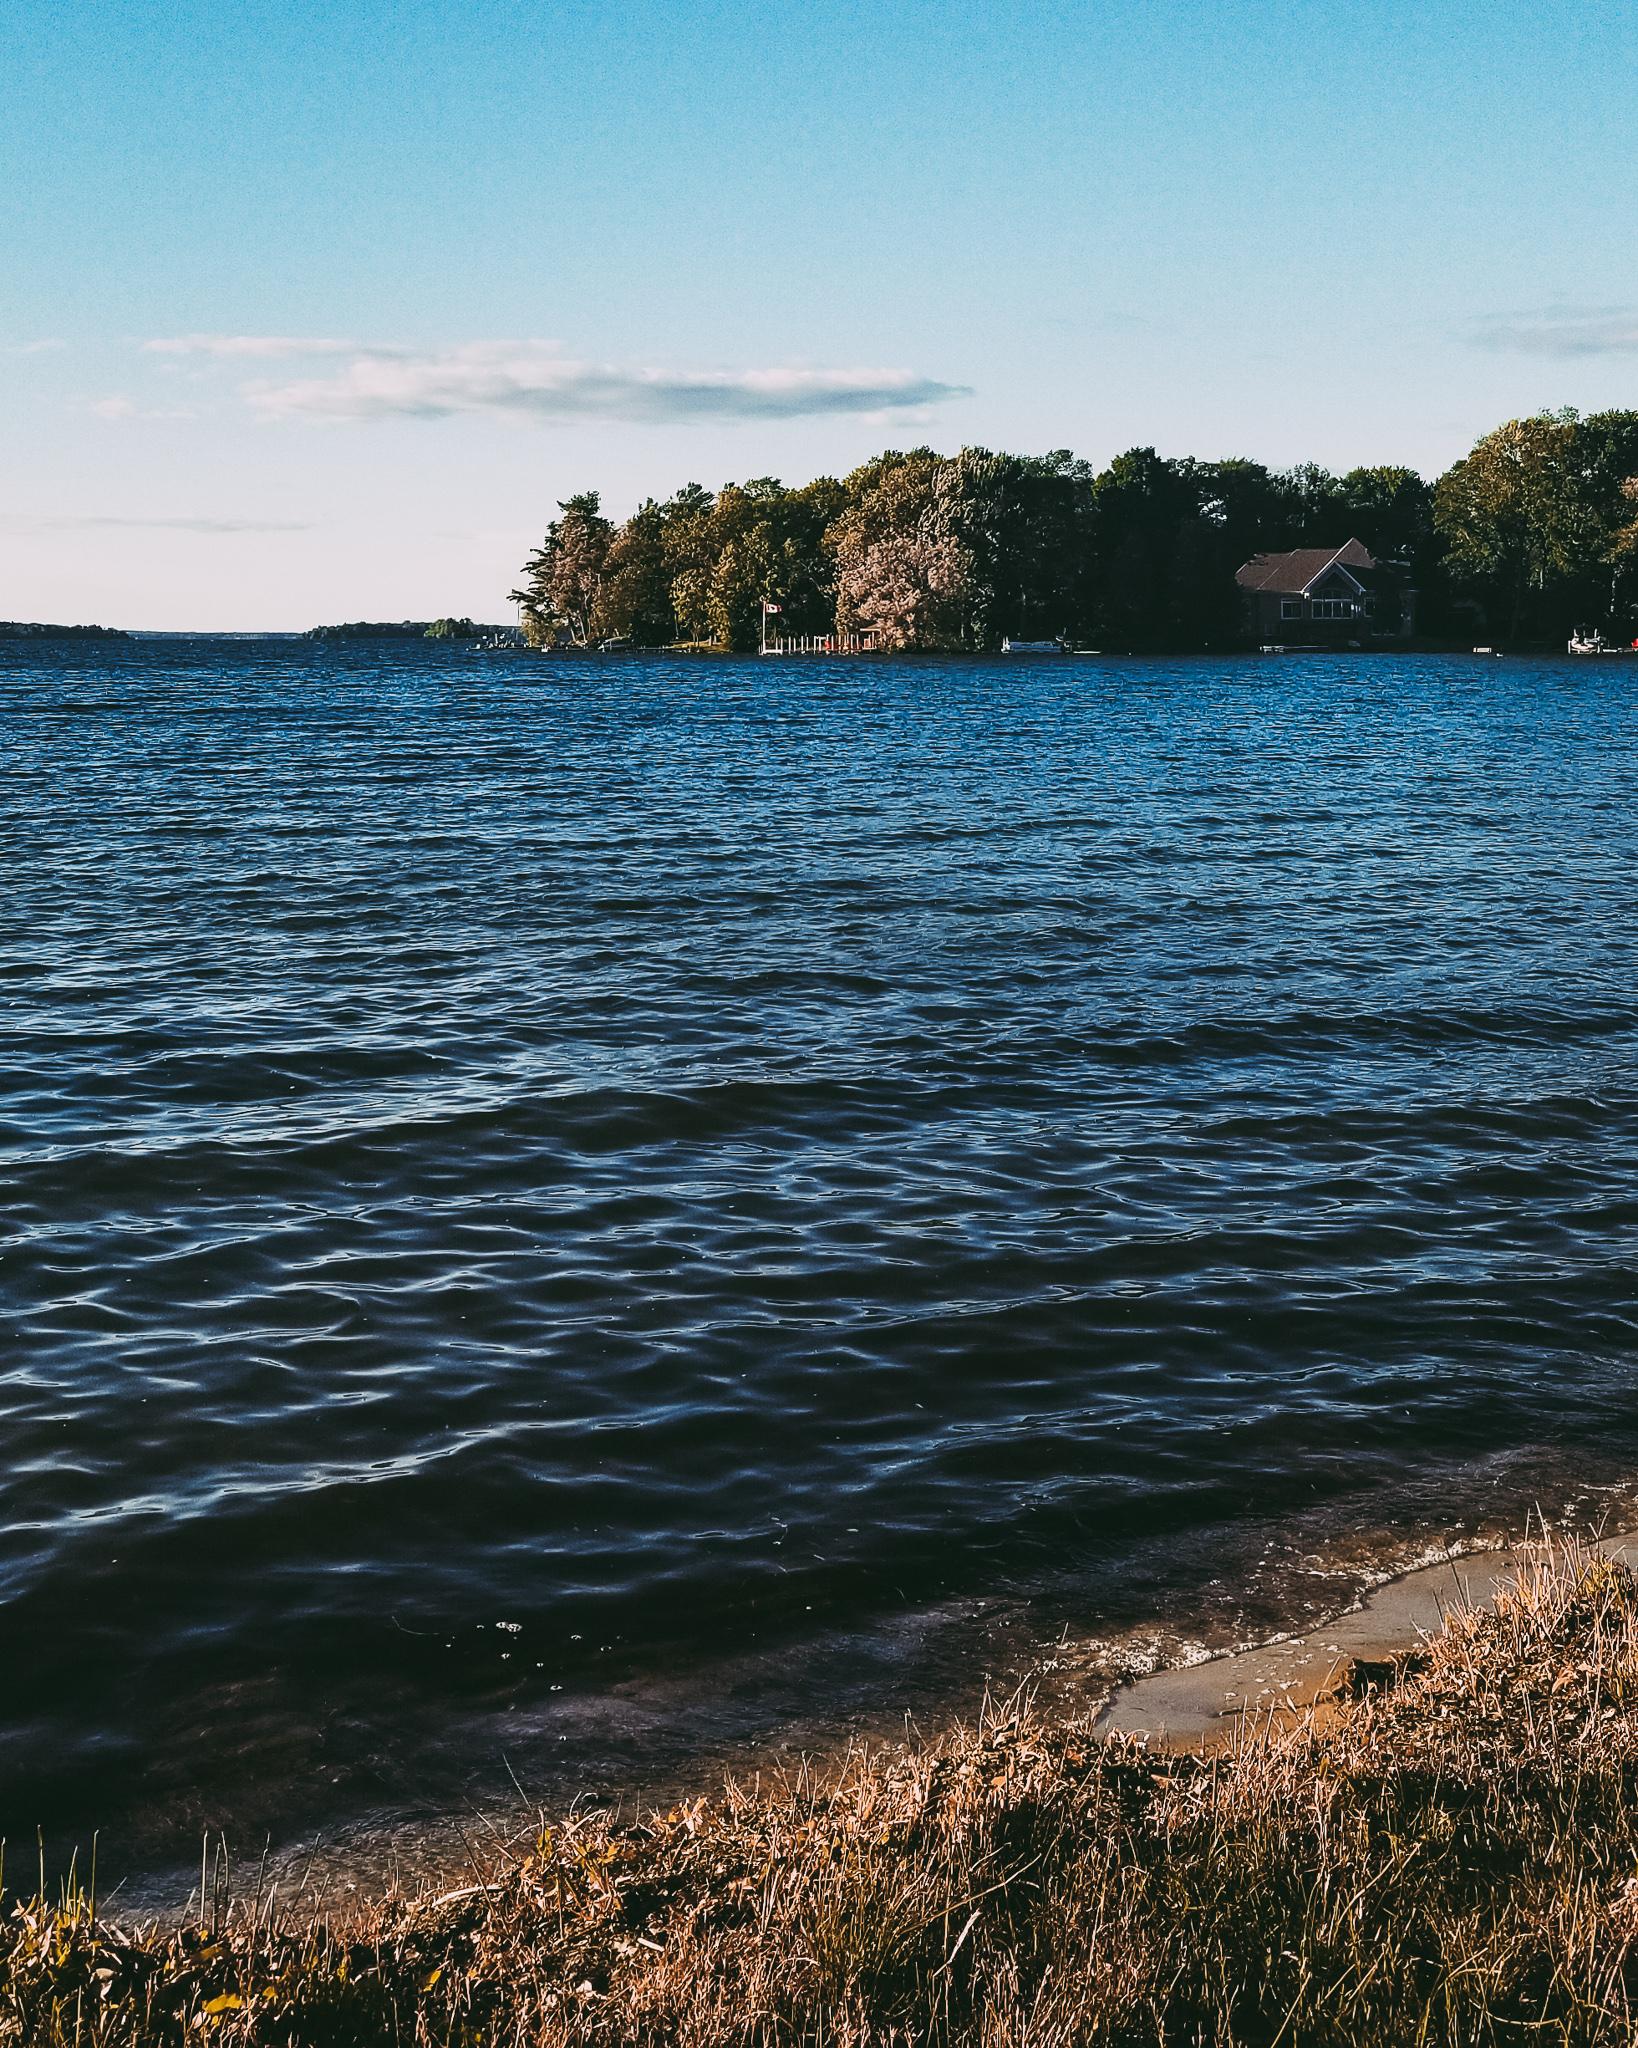 Lake Couchiching, Ontario